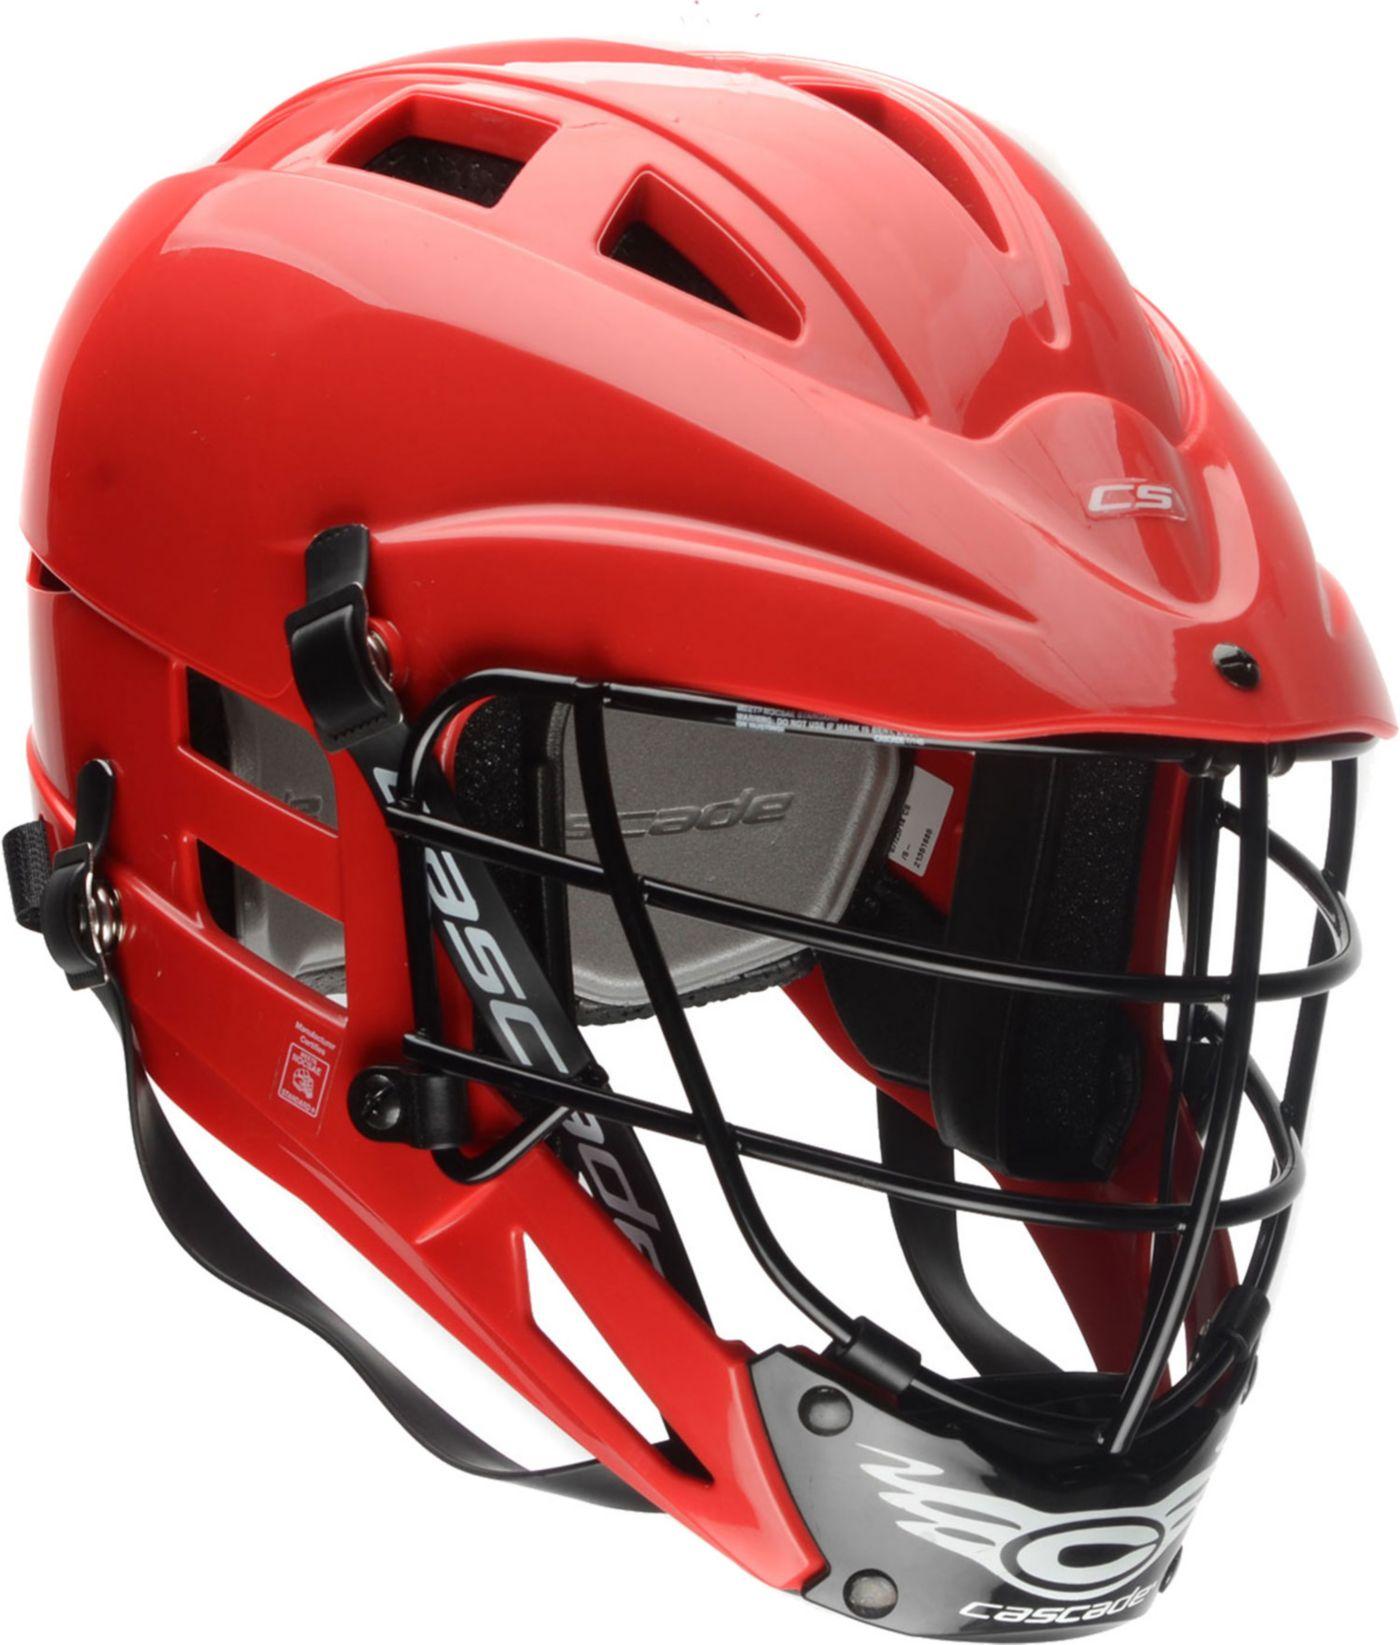 Cascade Youth CS-R Lacrosse Helmet w/ Silver Mask